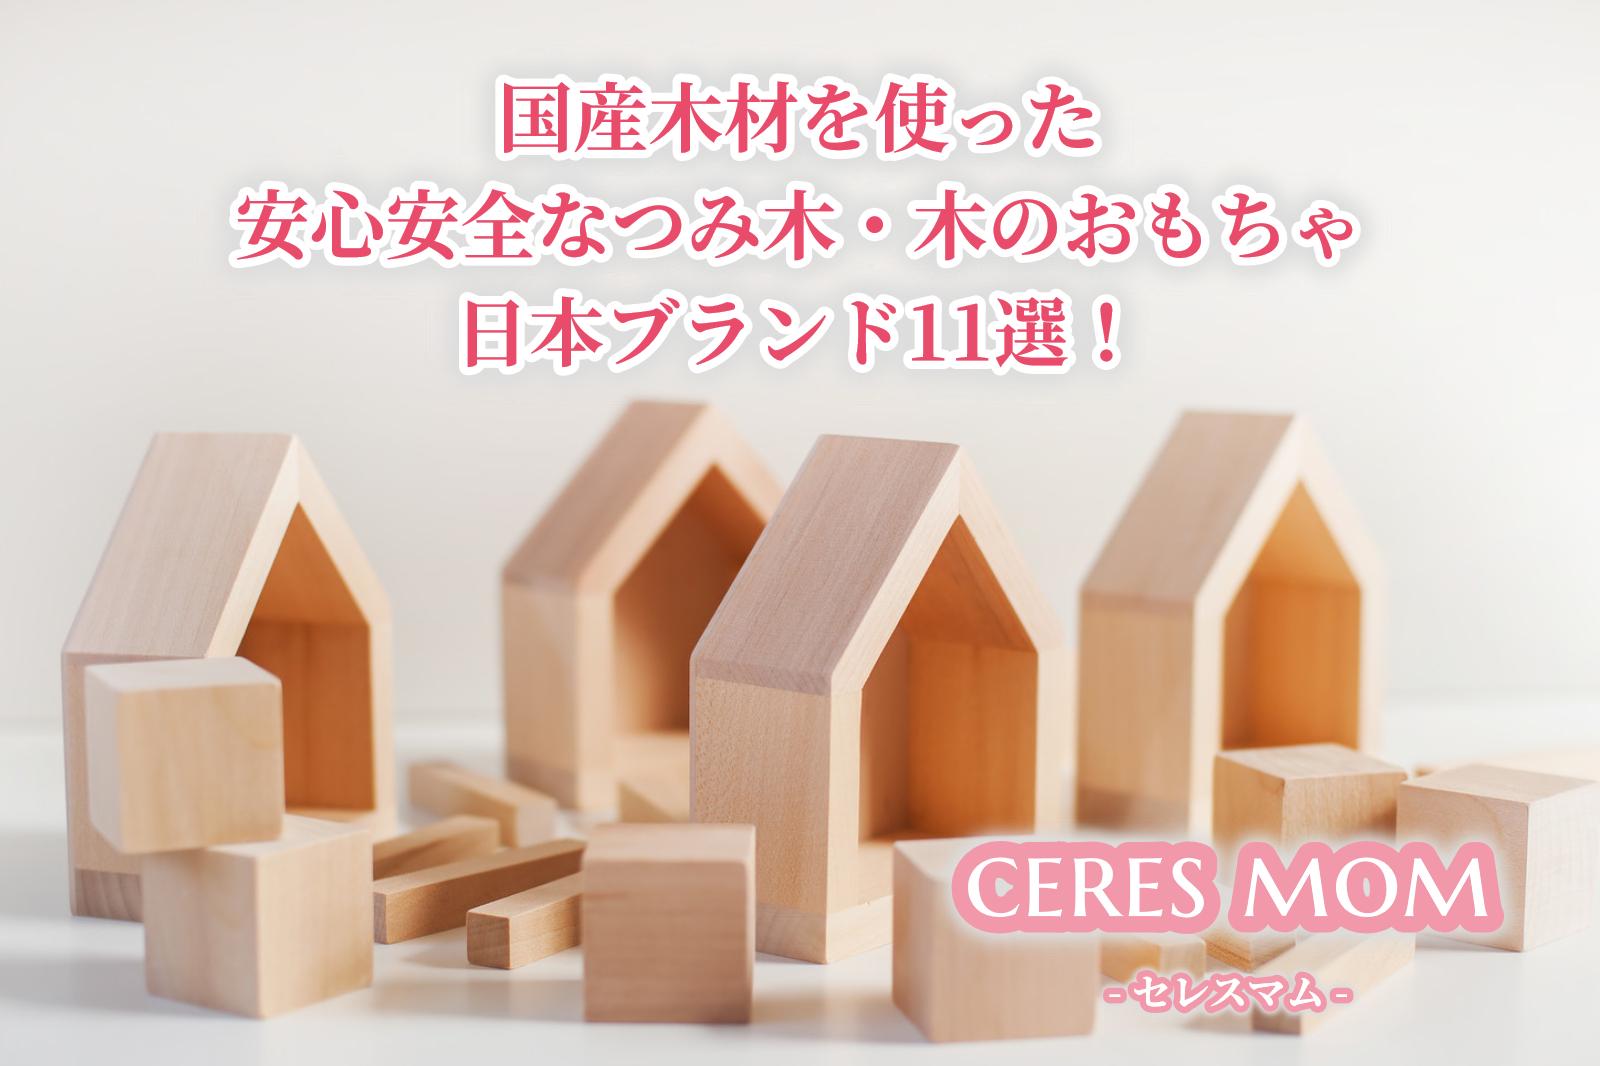 国産木材を使った安心安全なつみ木・木のおもちゃ日本ブランド11選!